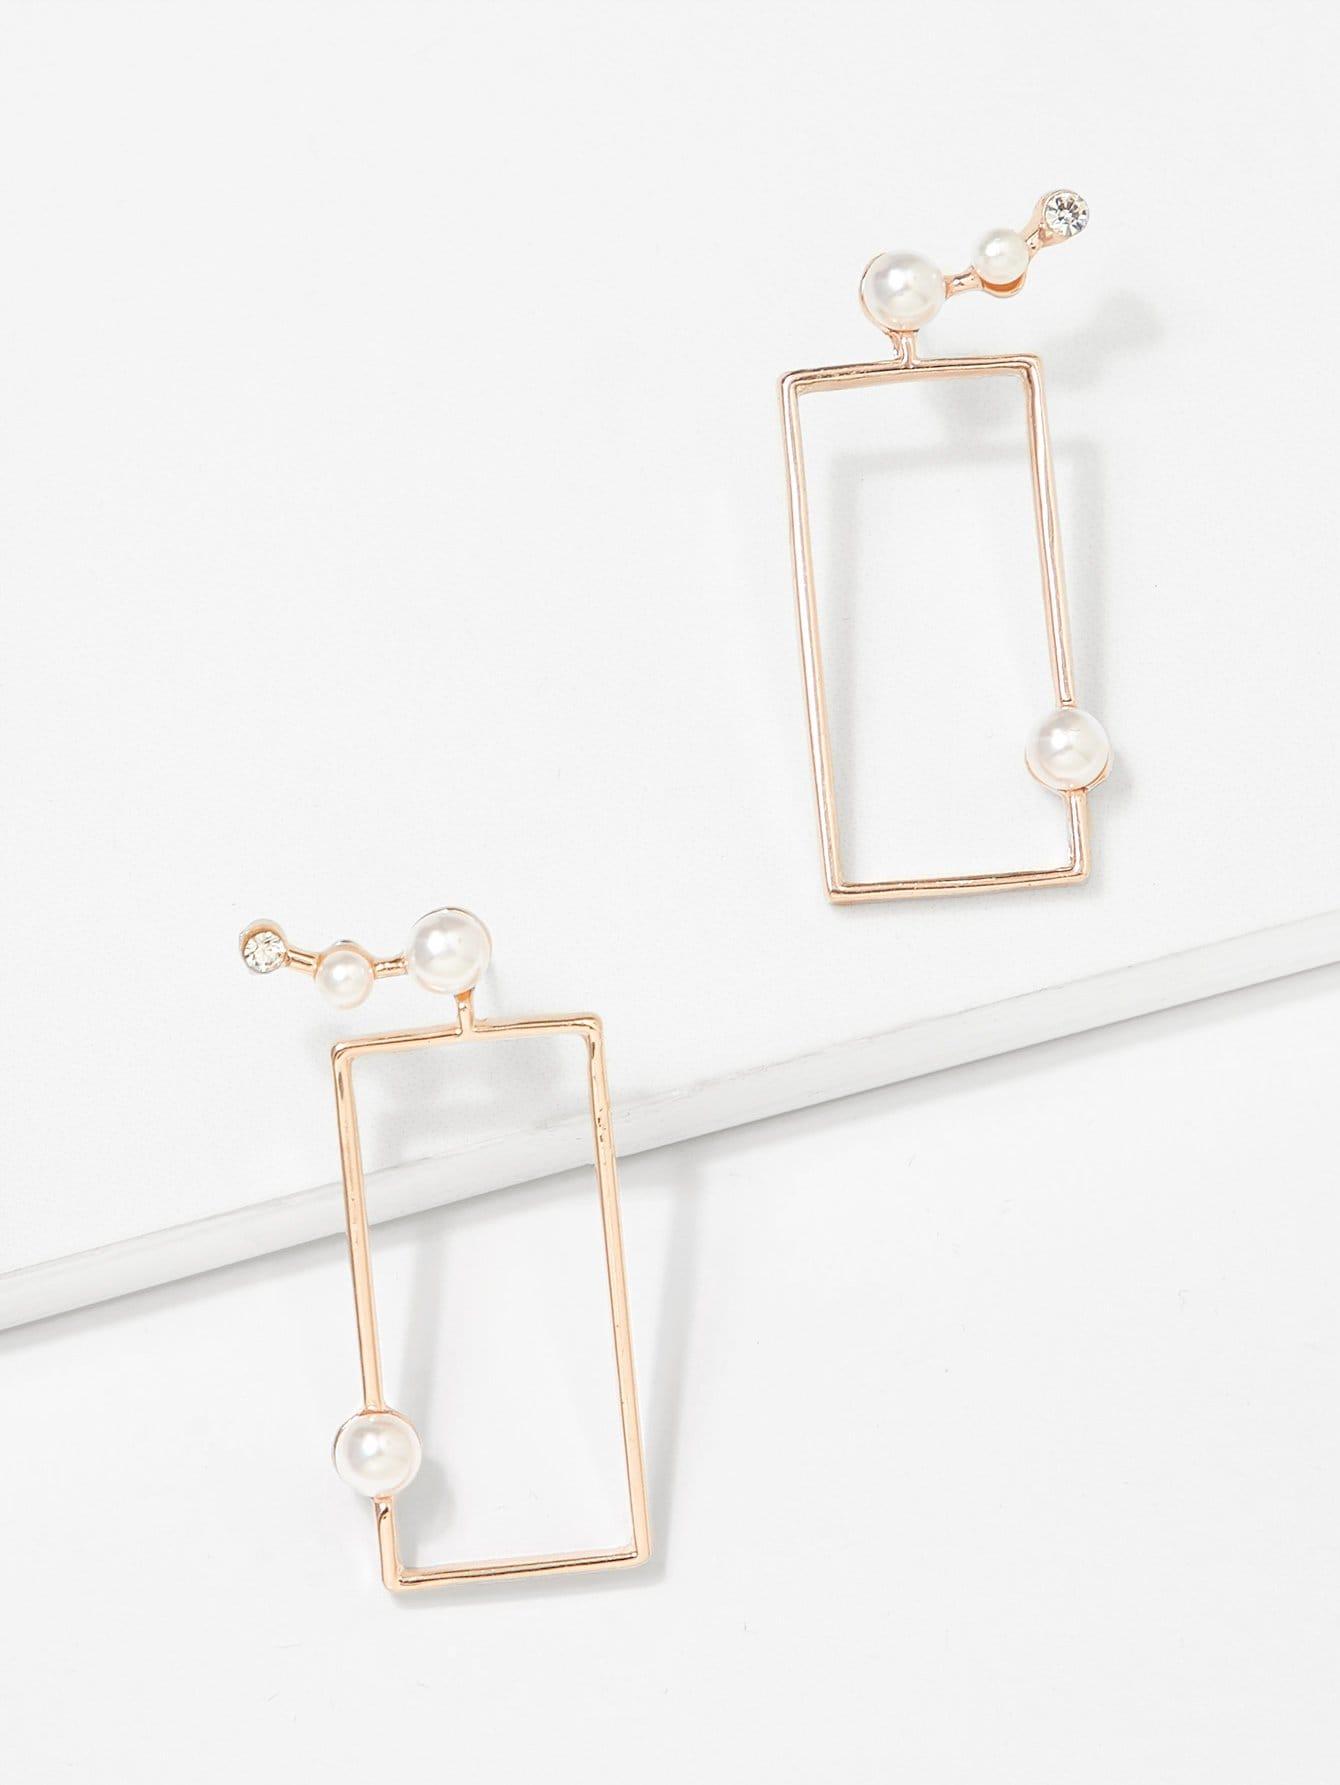 Geometric Design Drop Earrings geometric green gemstones inlaid earrings